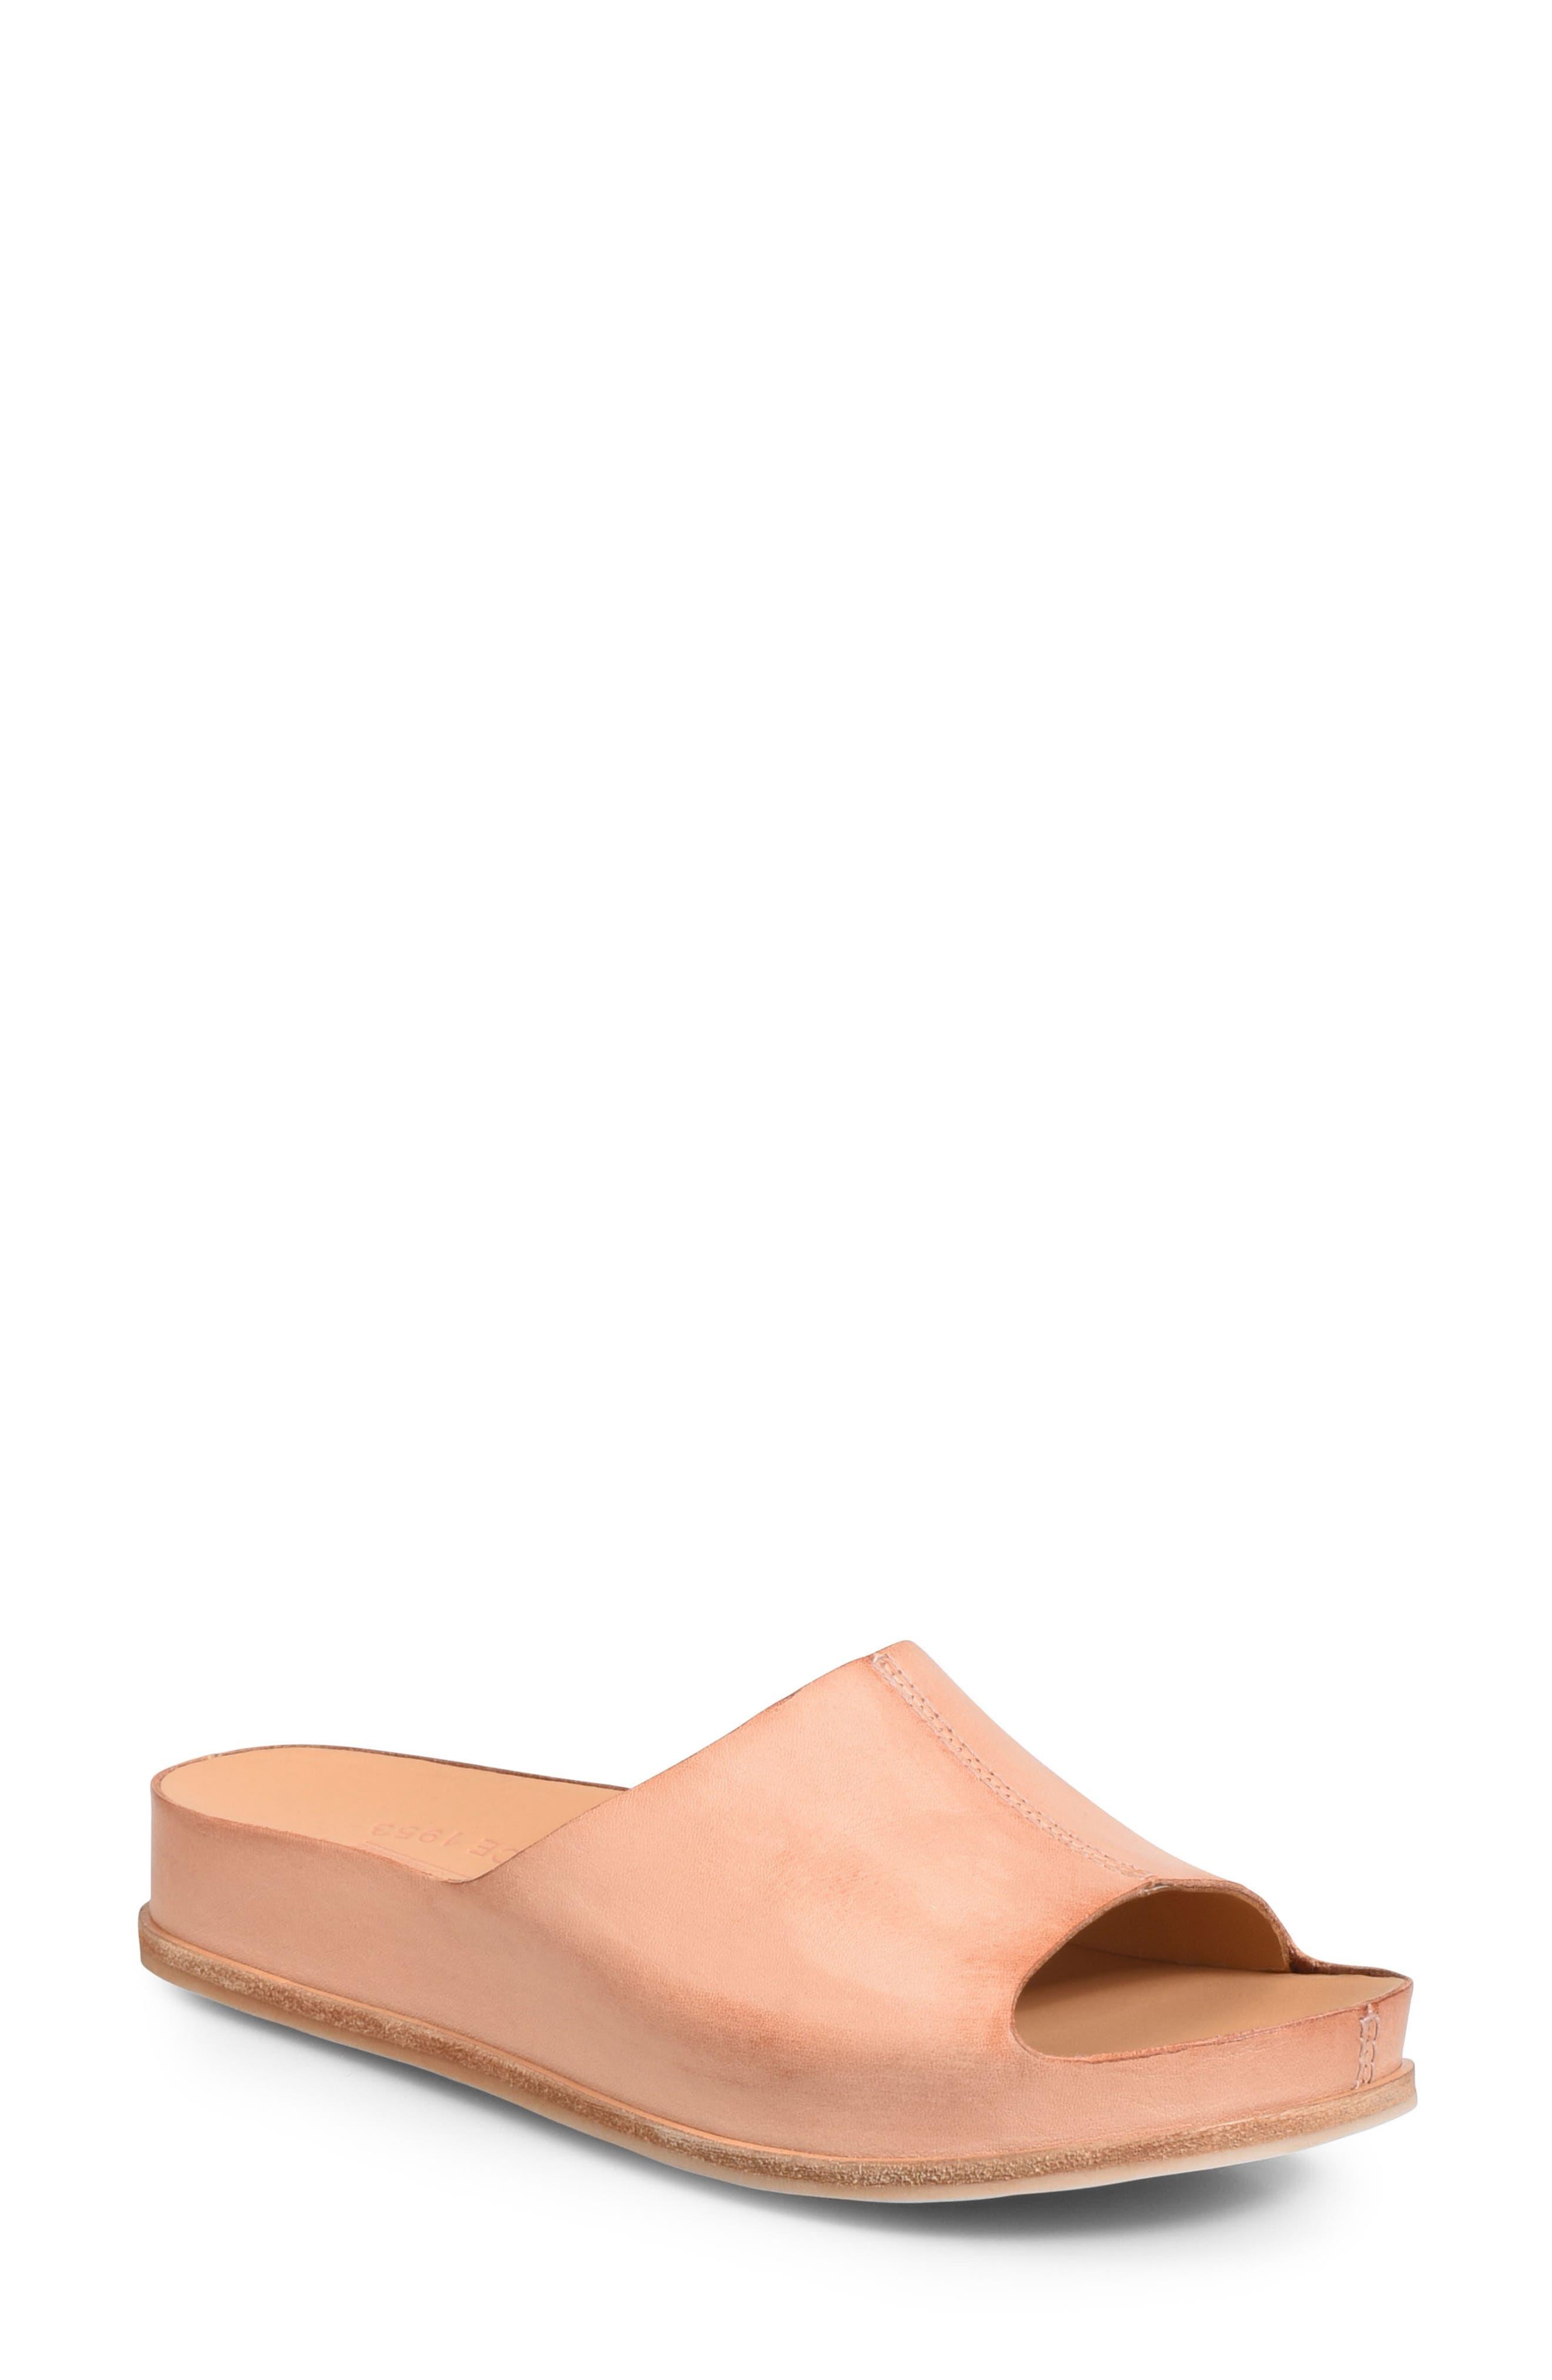 'Tutsi' Slide Sandal,                             Main thumbnail 1, color,                             Blush Leather